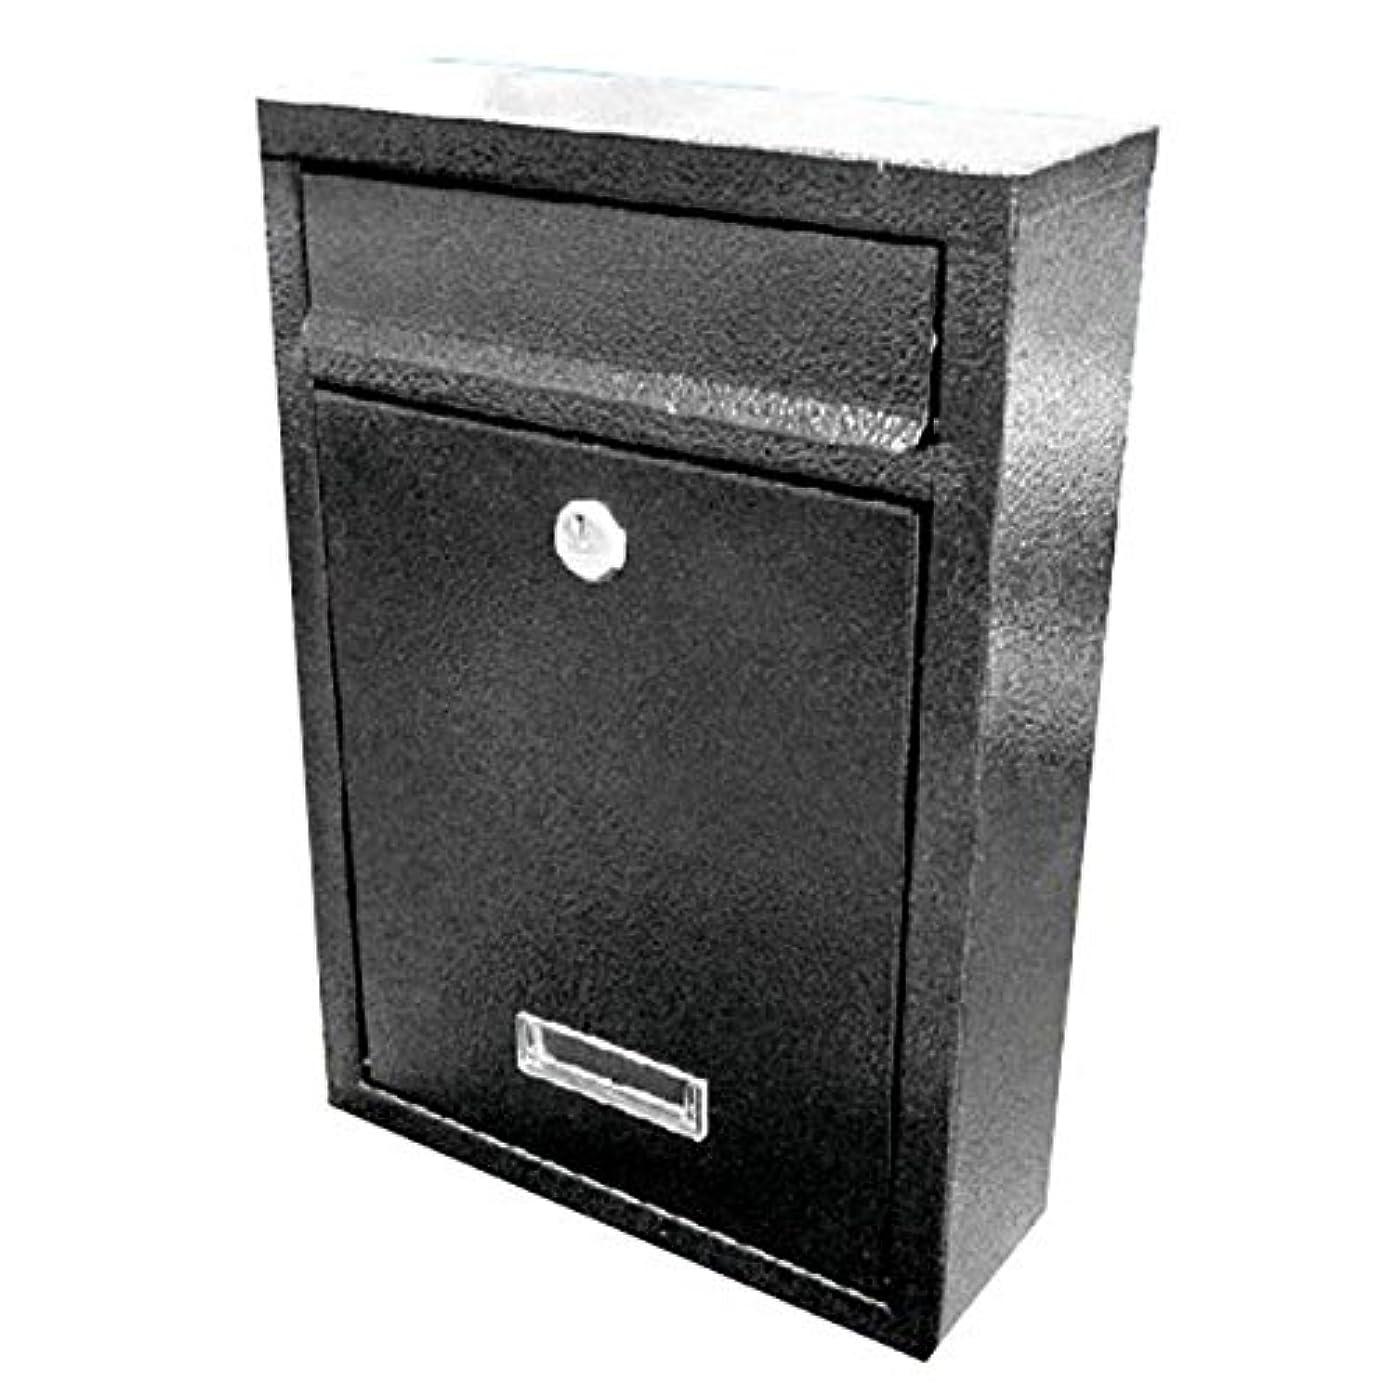 ステージ考えパールSTARDUST シンプル デザイン 郵便 ポスト 【ブラック】 SD-SPOST-BK